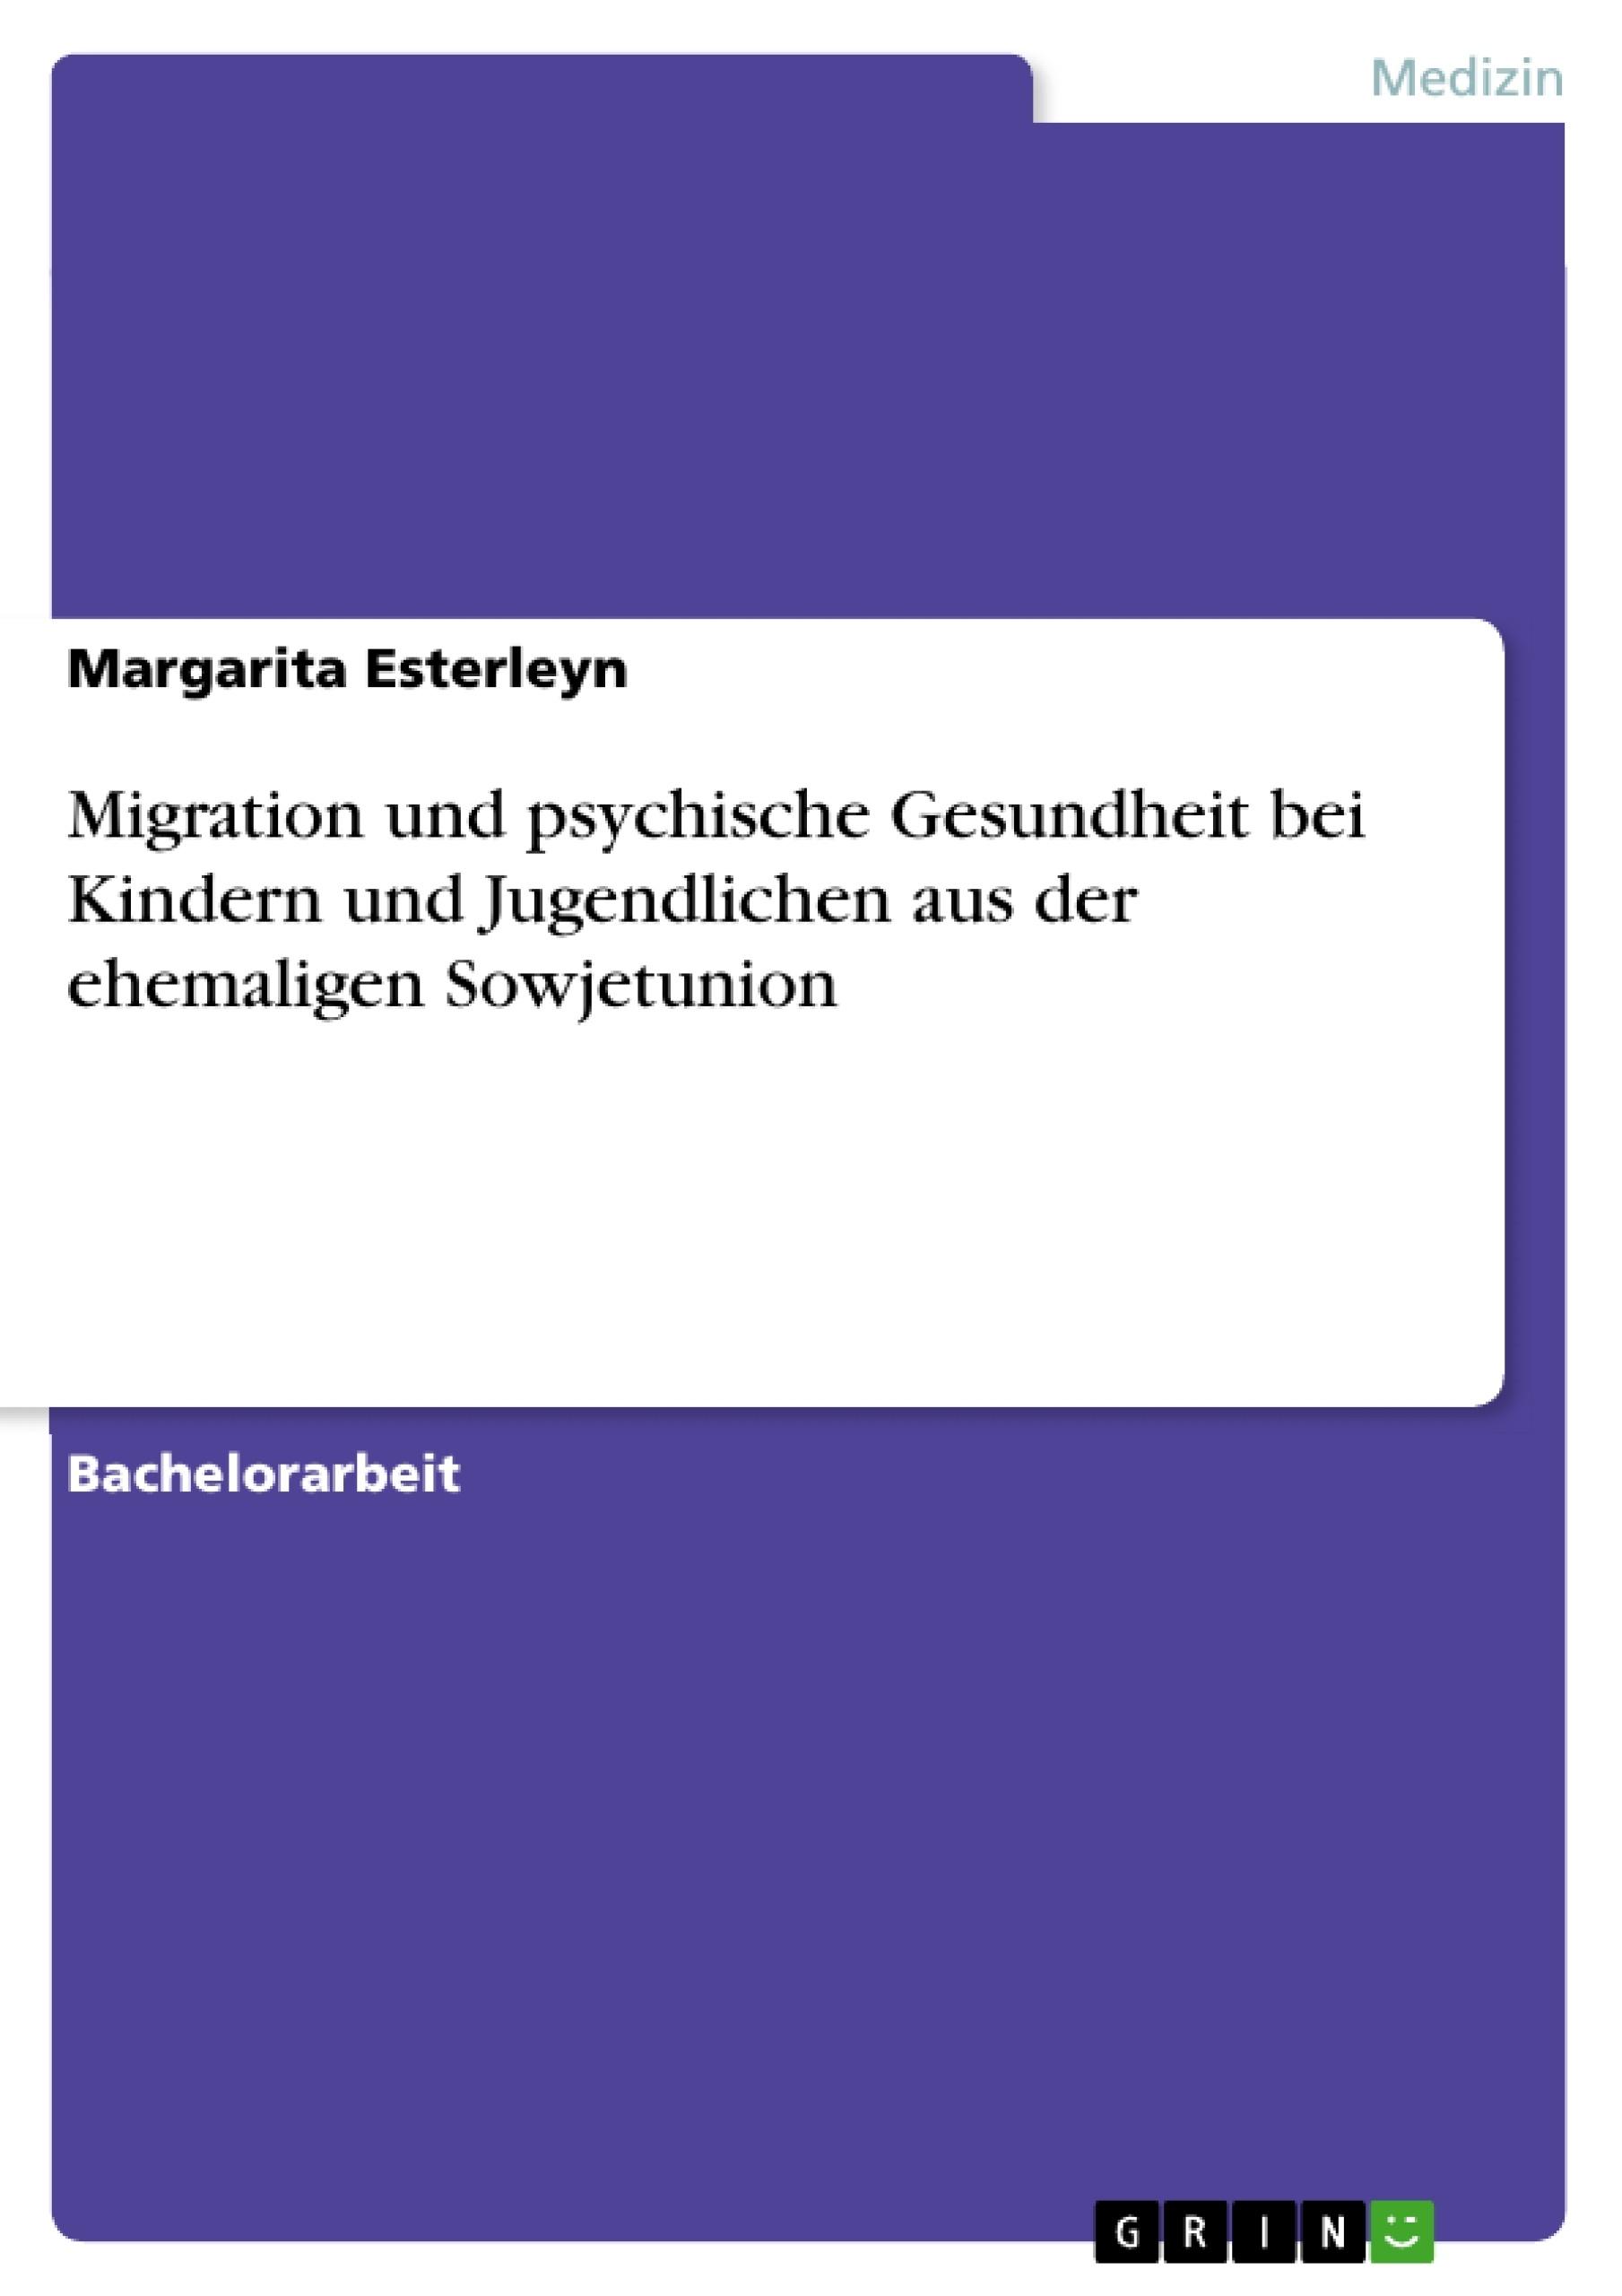 Titel: Migration und psychische Gesundheit bei Kindern und Jugendlichen aus der ehemaligen Sowjetunion